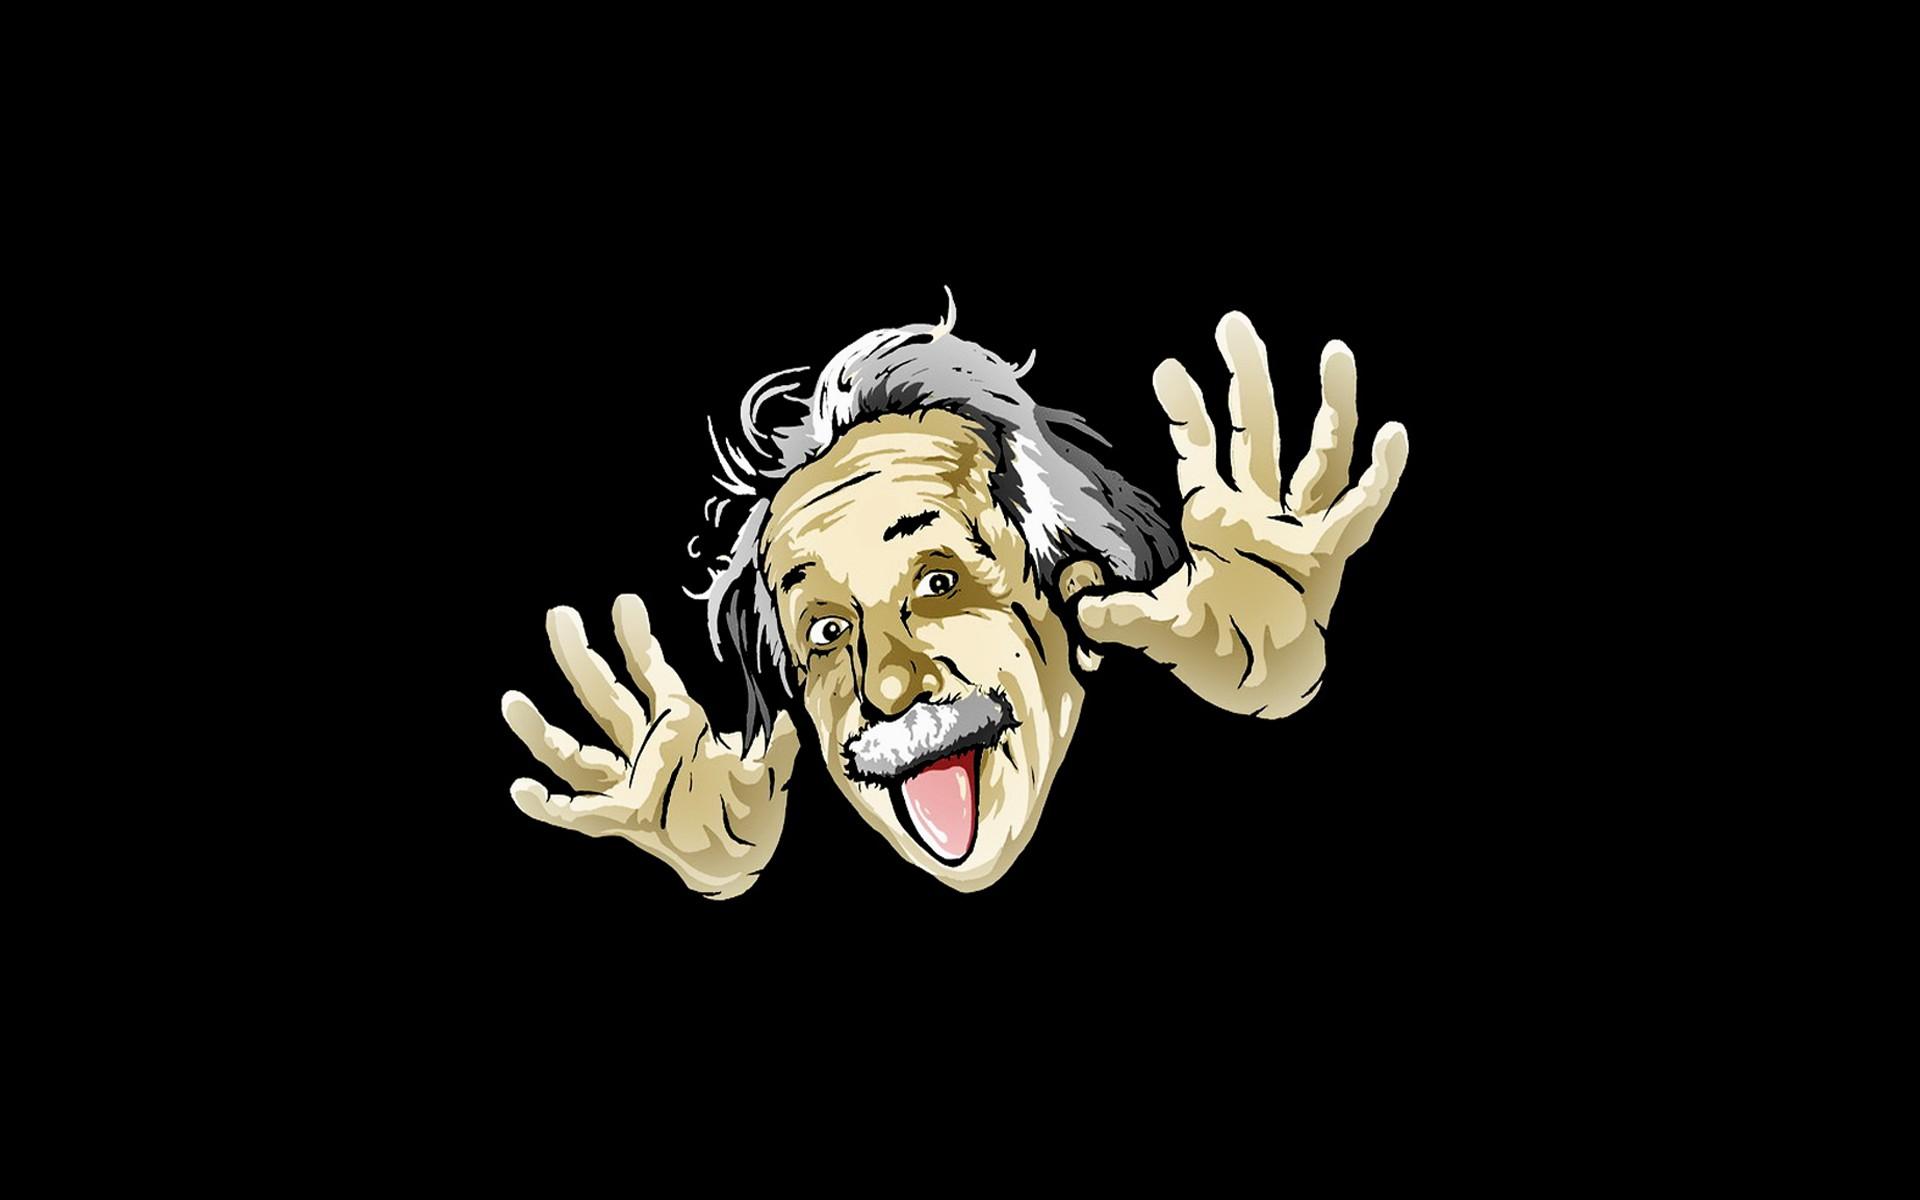 Albert Einstein parodia - 1920x1200